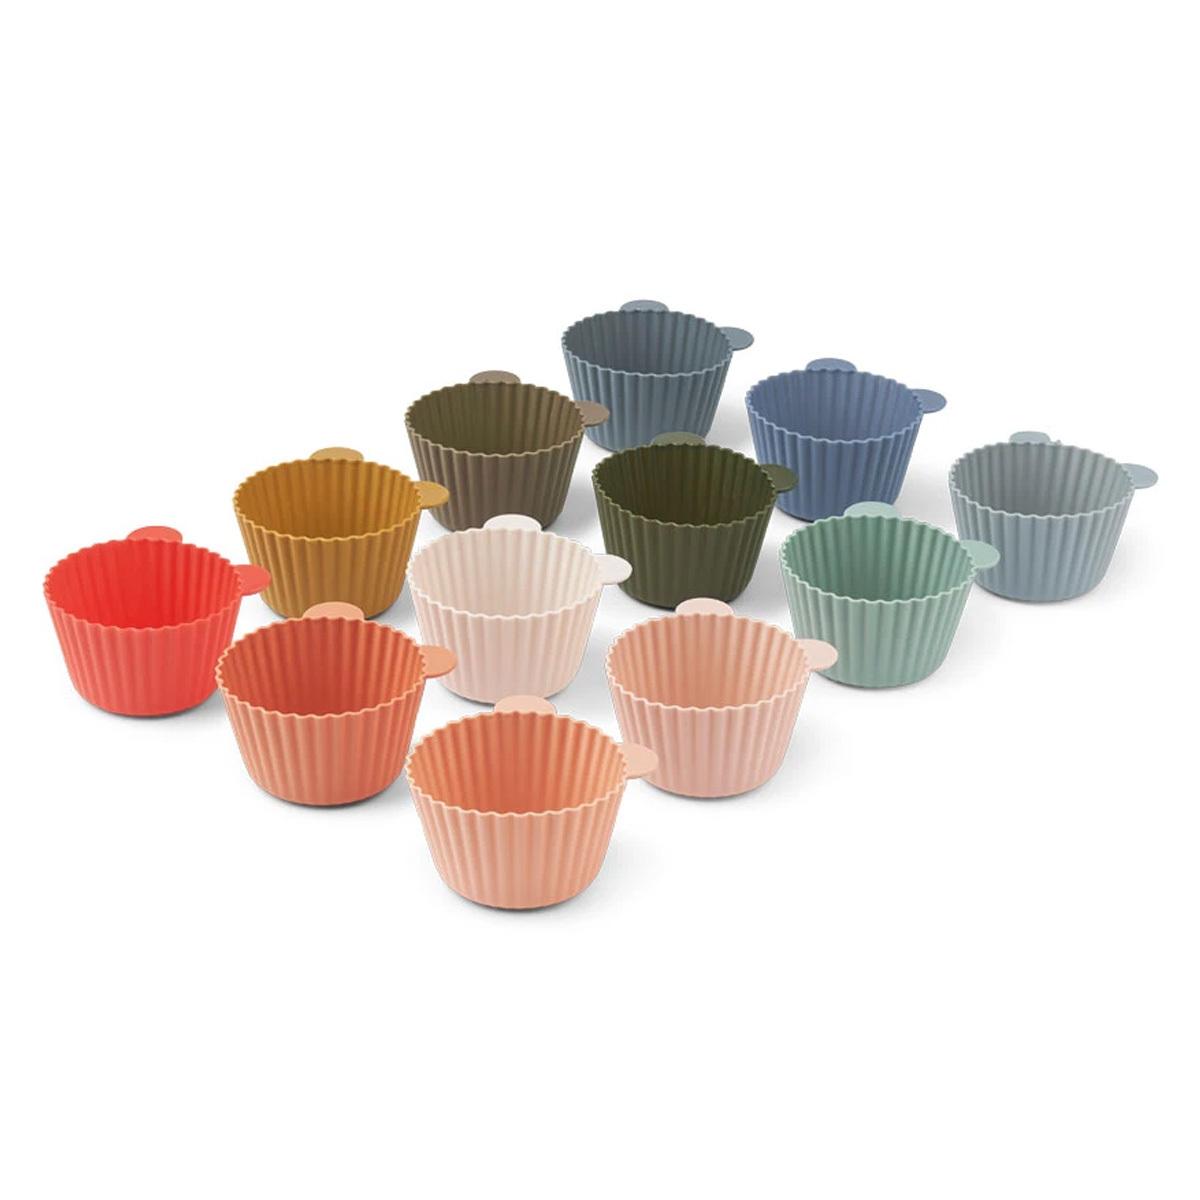 Vaisselle & Couvert Lot de 12 Moules à Cupcakes Jerry - Multi Mix Lot de 12 Moules à Cupcakes Jerry - Multi Mix